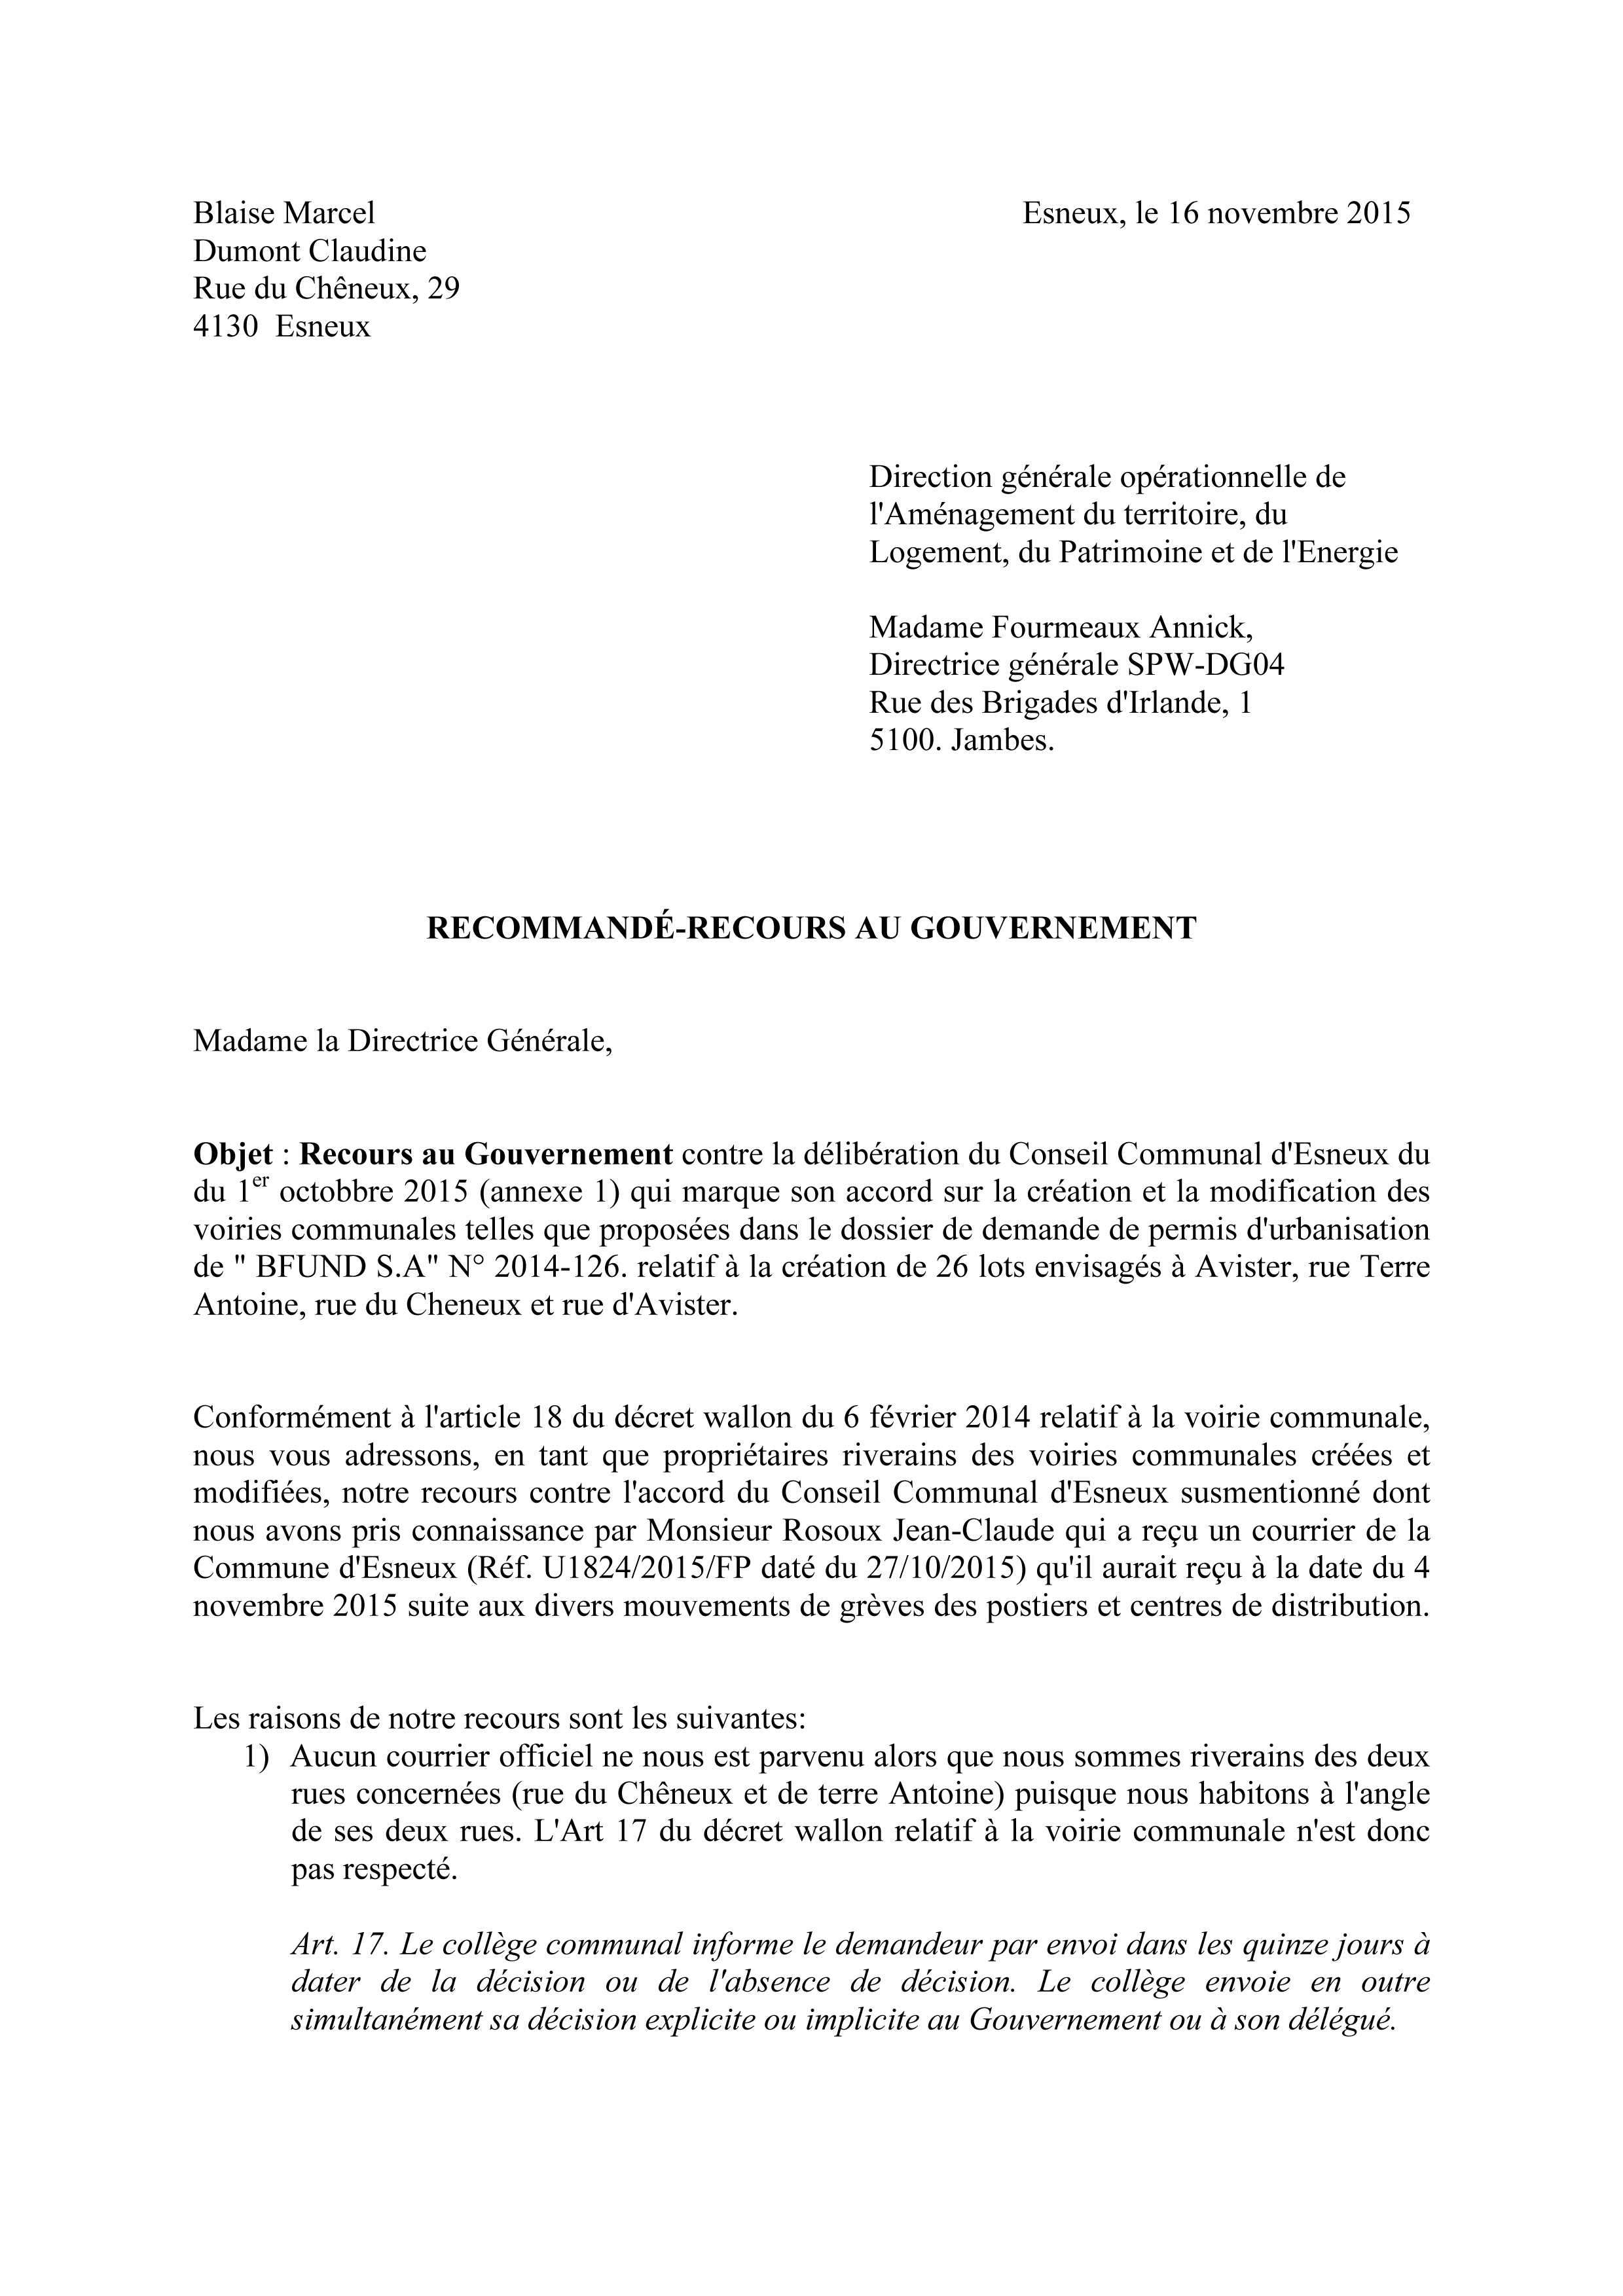 Projet-Lettre-recours-1